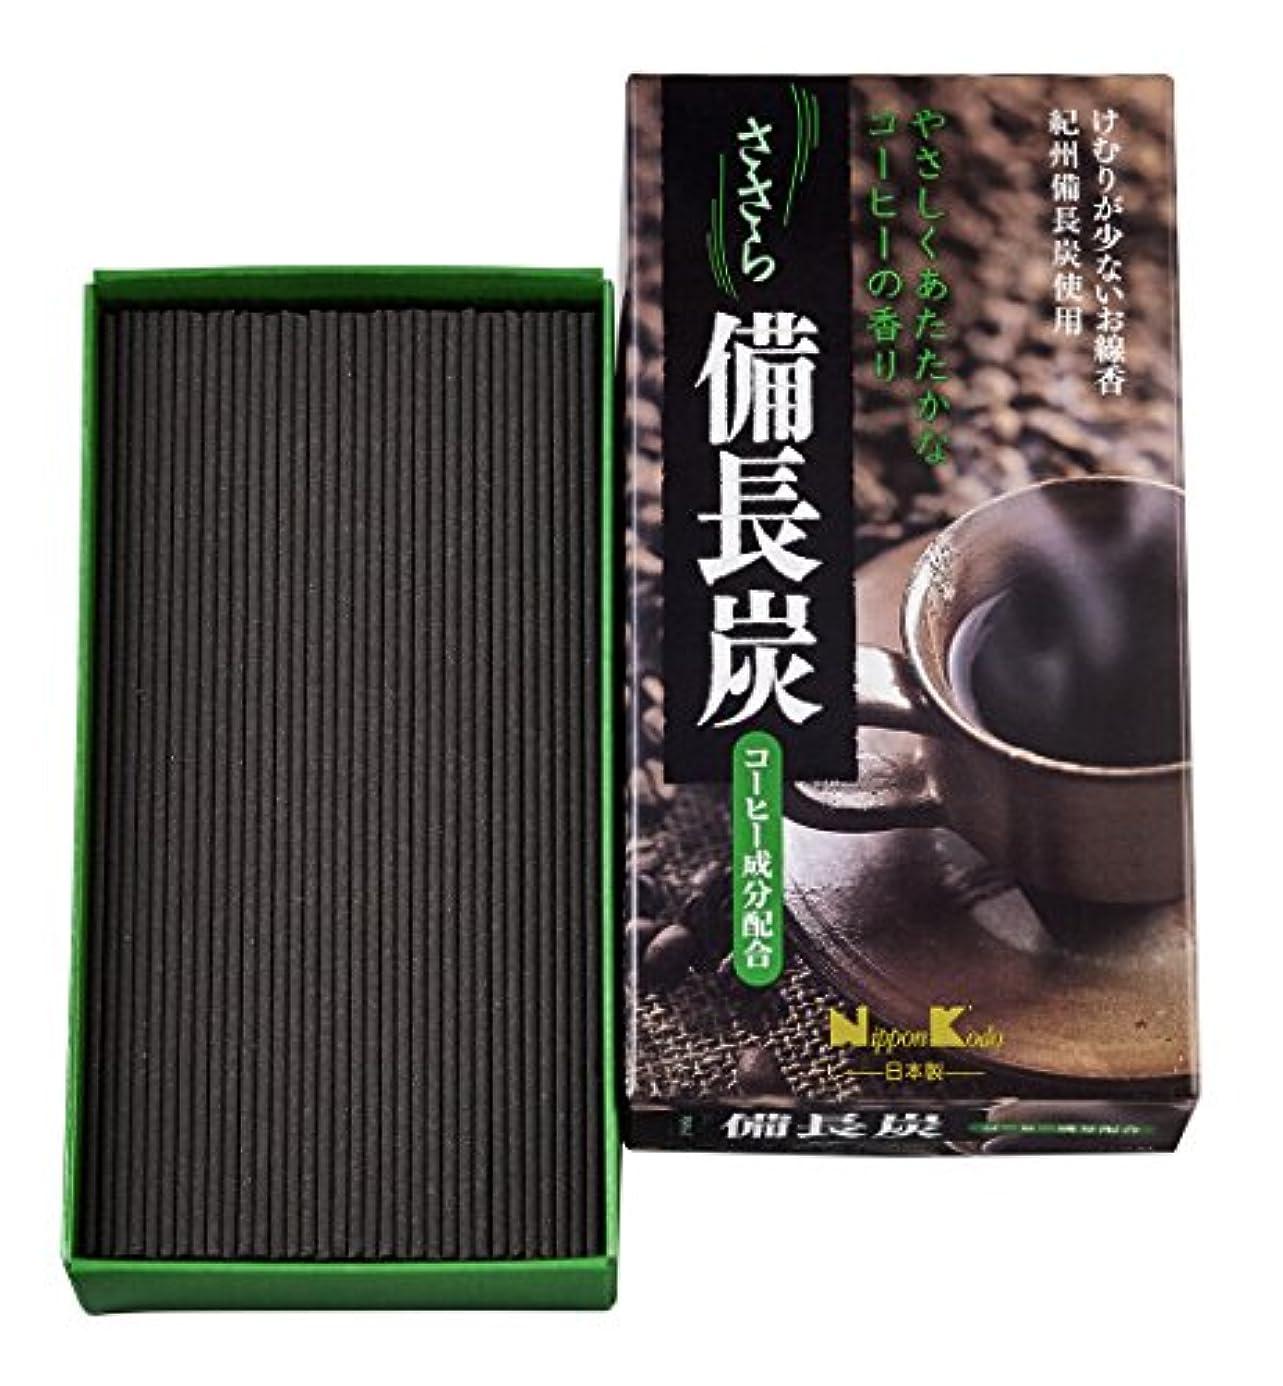 生包帯とは異なりささら 備長炭 コーヒー バラ詰